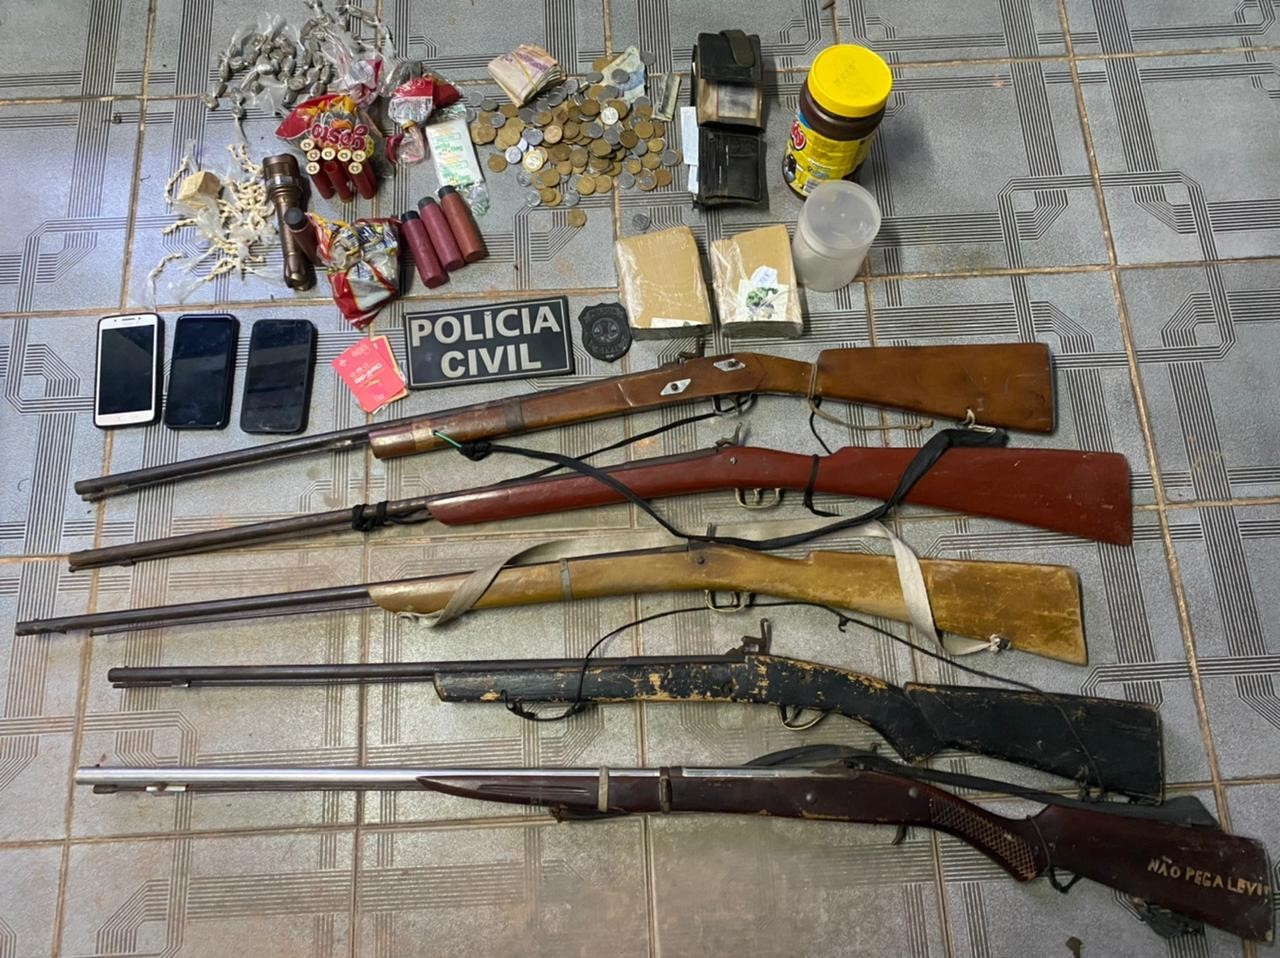 Em quatro meses, mais de 1,3 mil pessoas são presas em operações policiais no interior do Maranhão